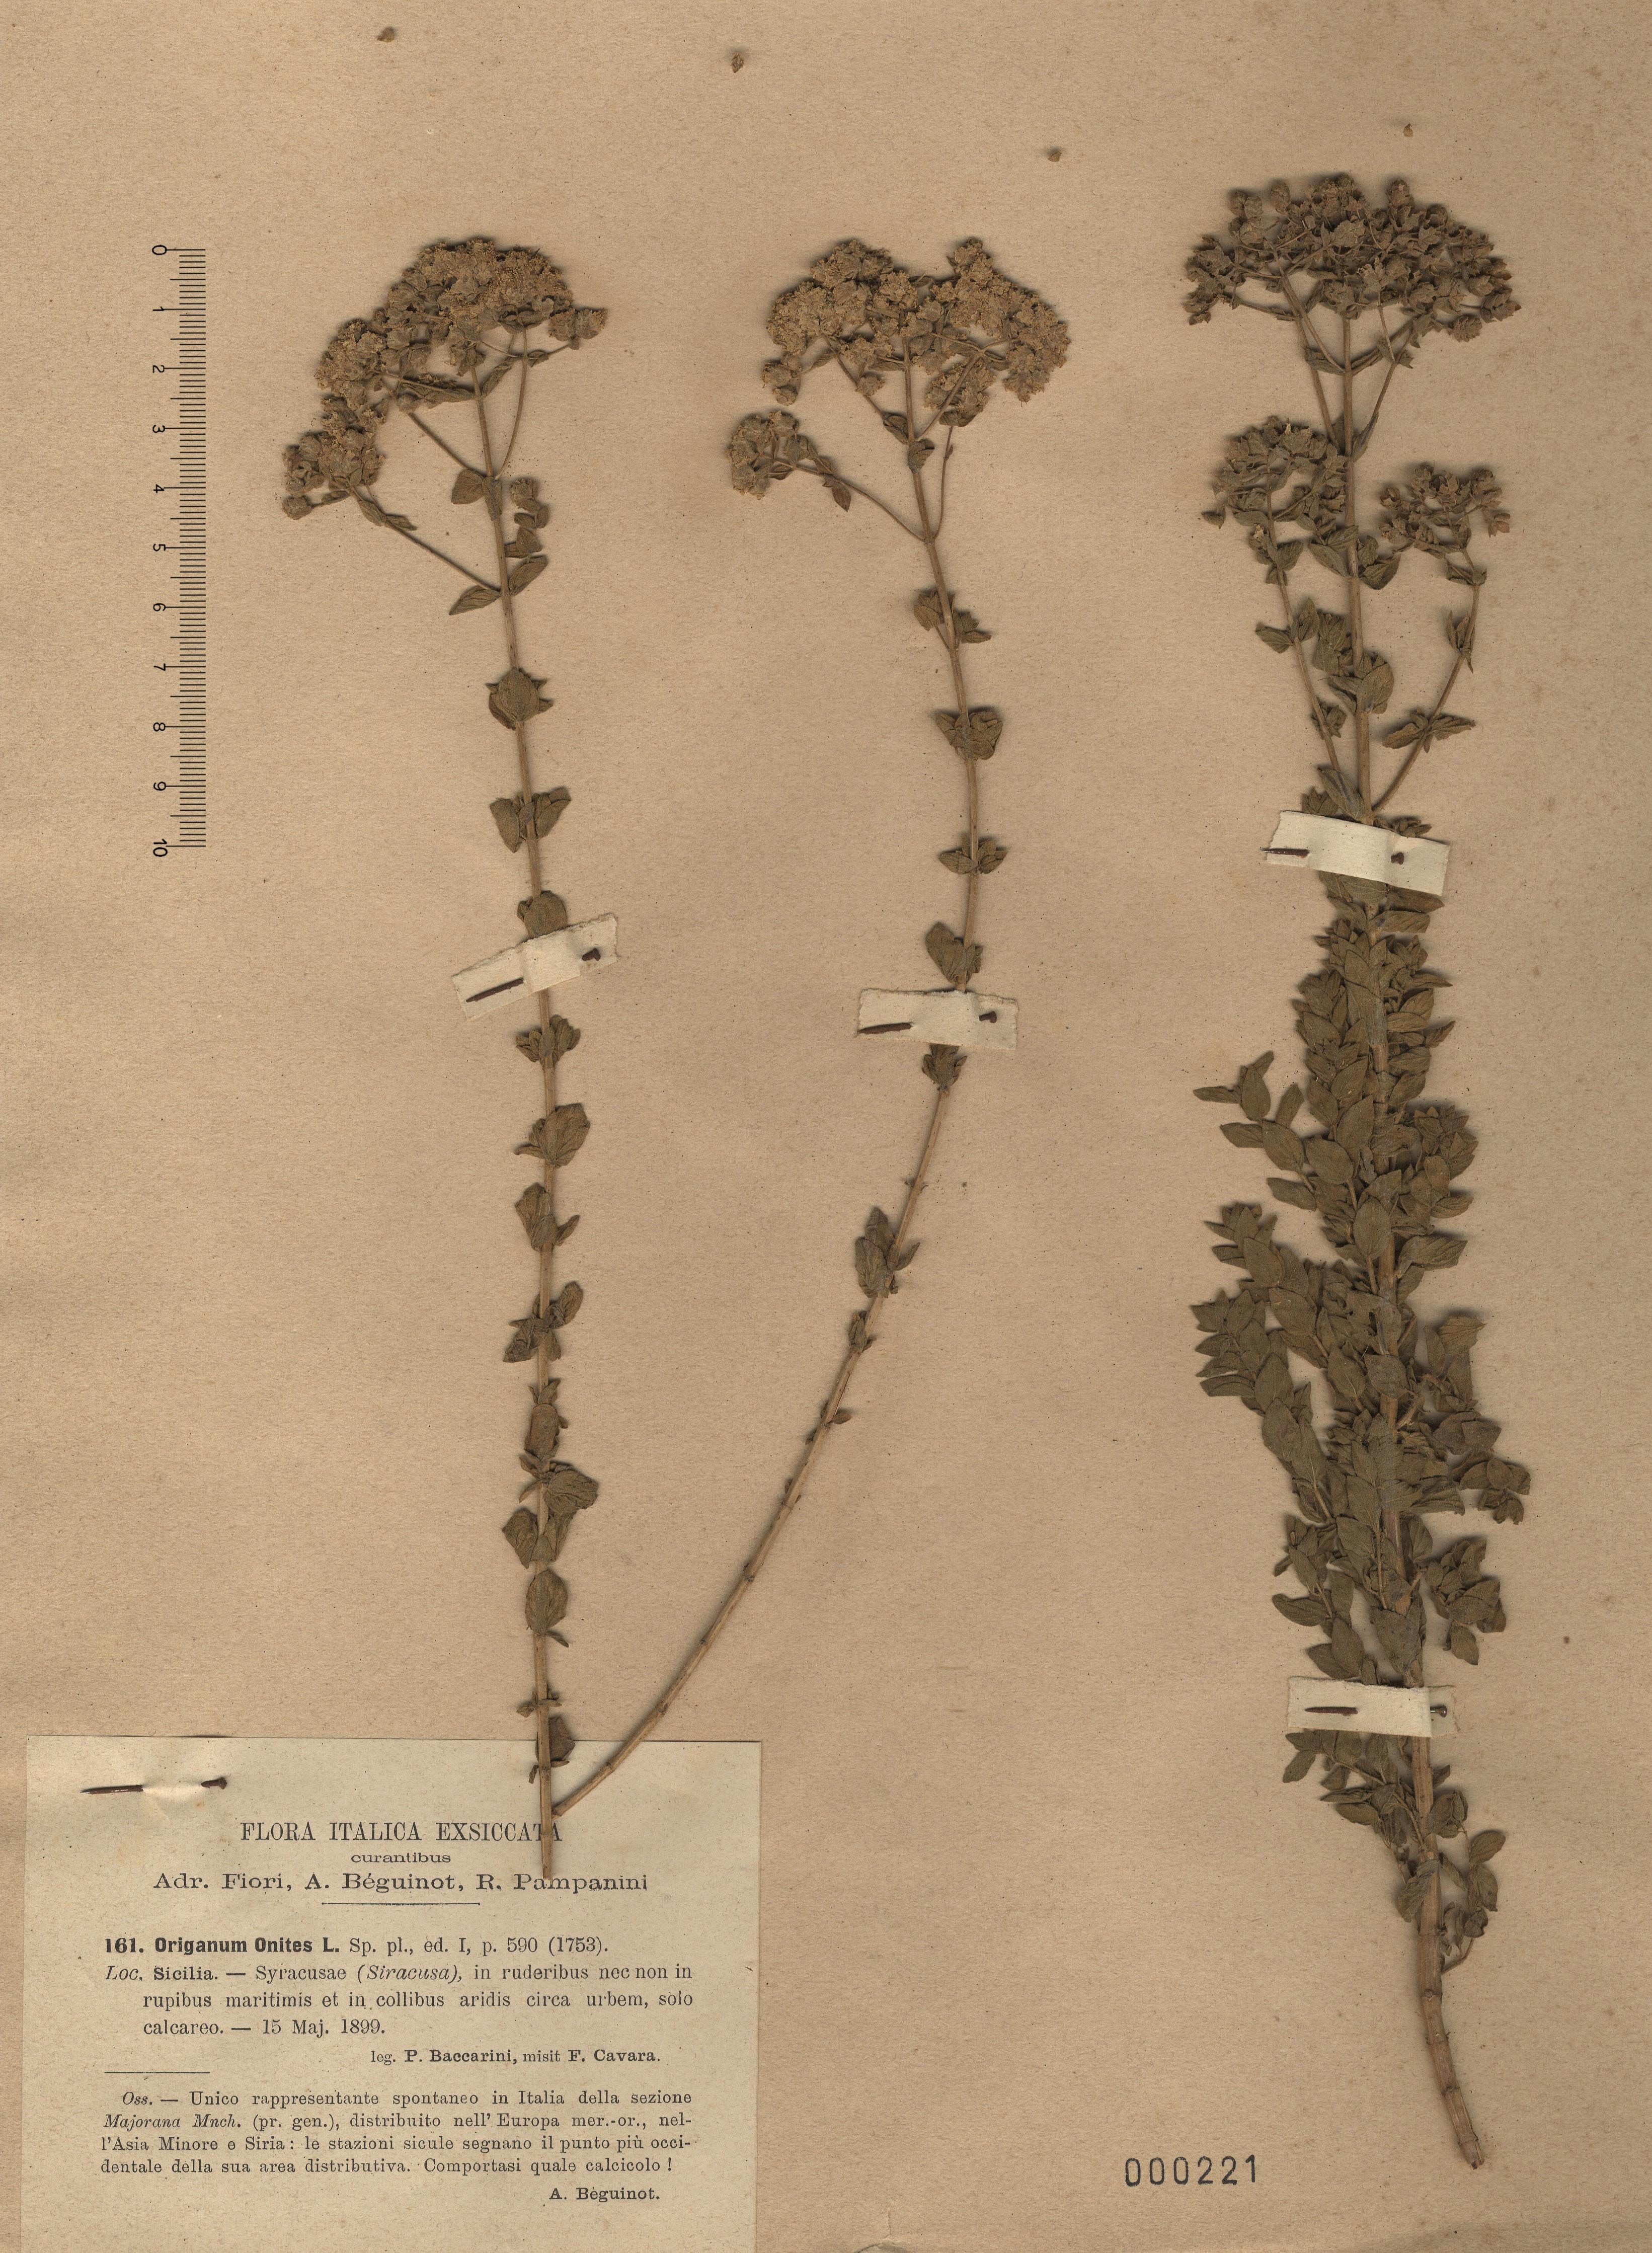 © Hortus Botanicus Catinensis - Herb. sheet 000221<br>